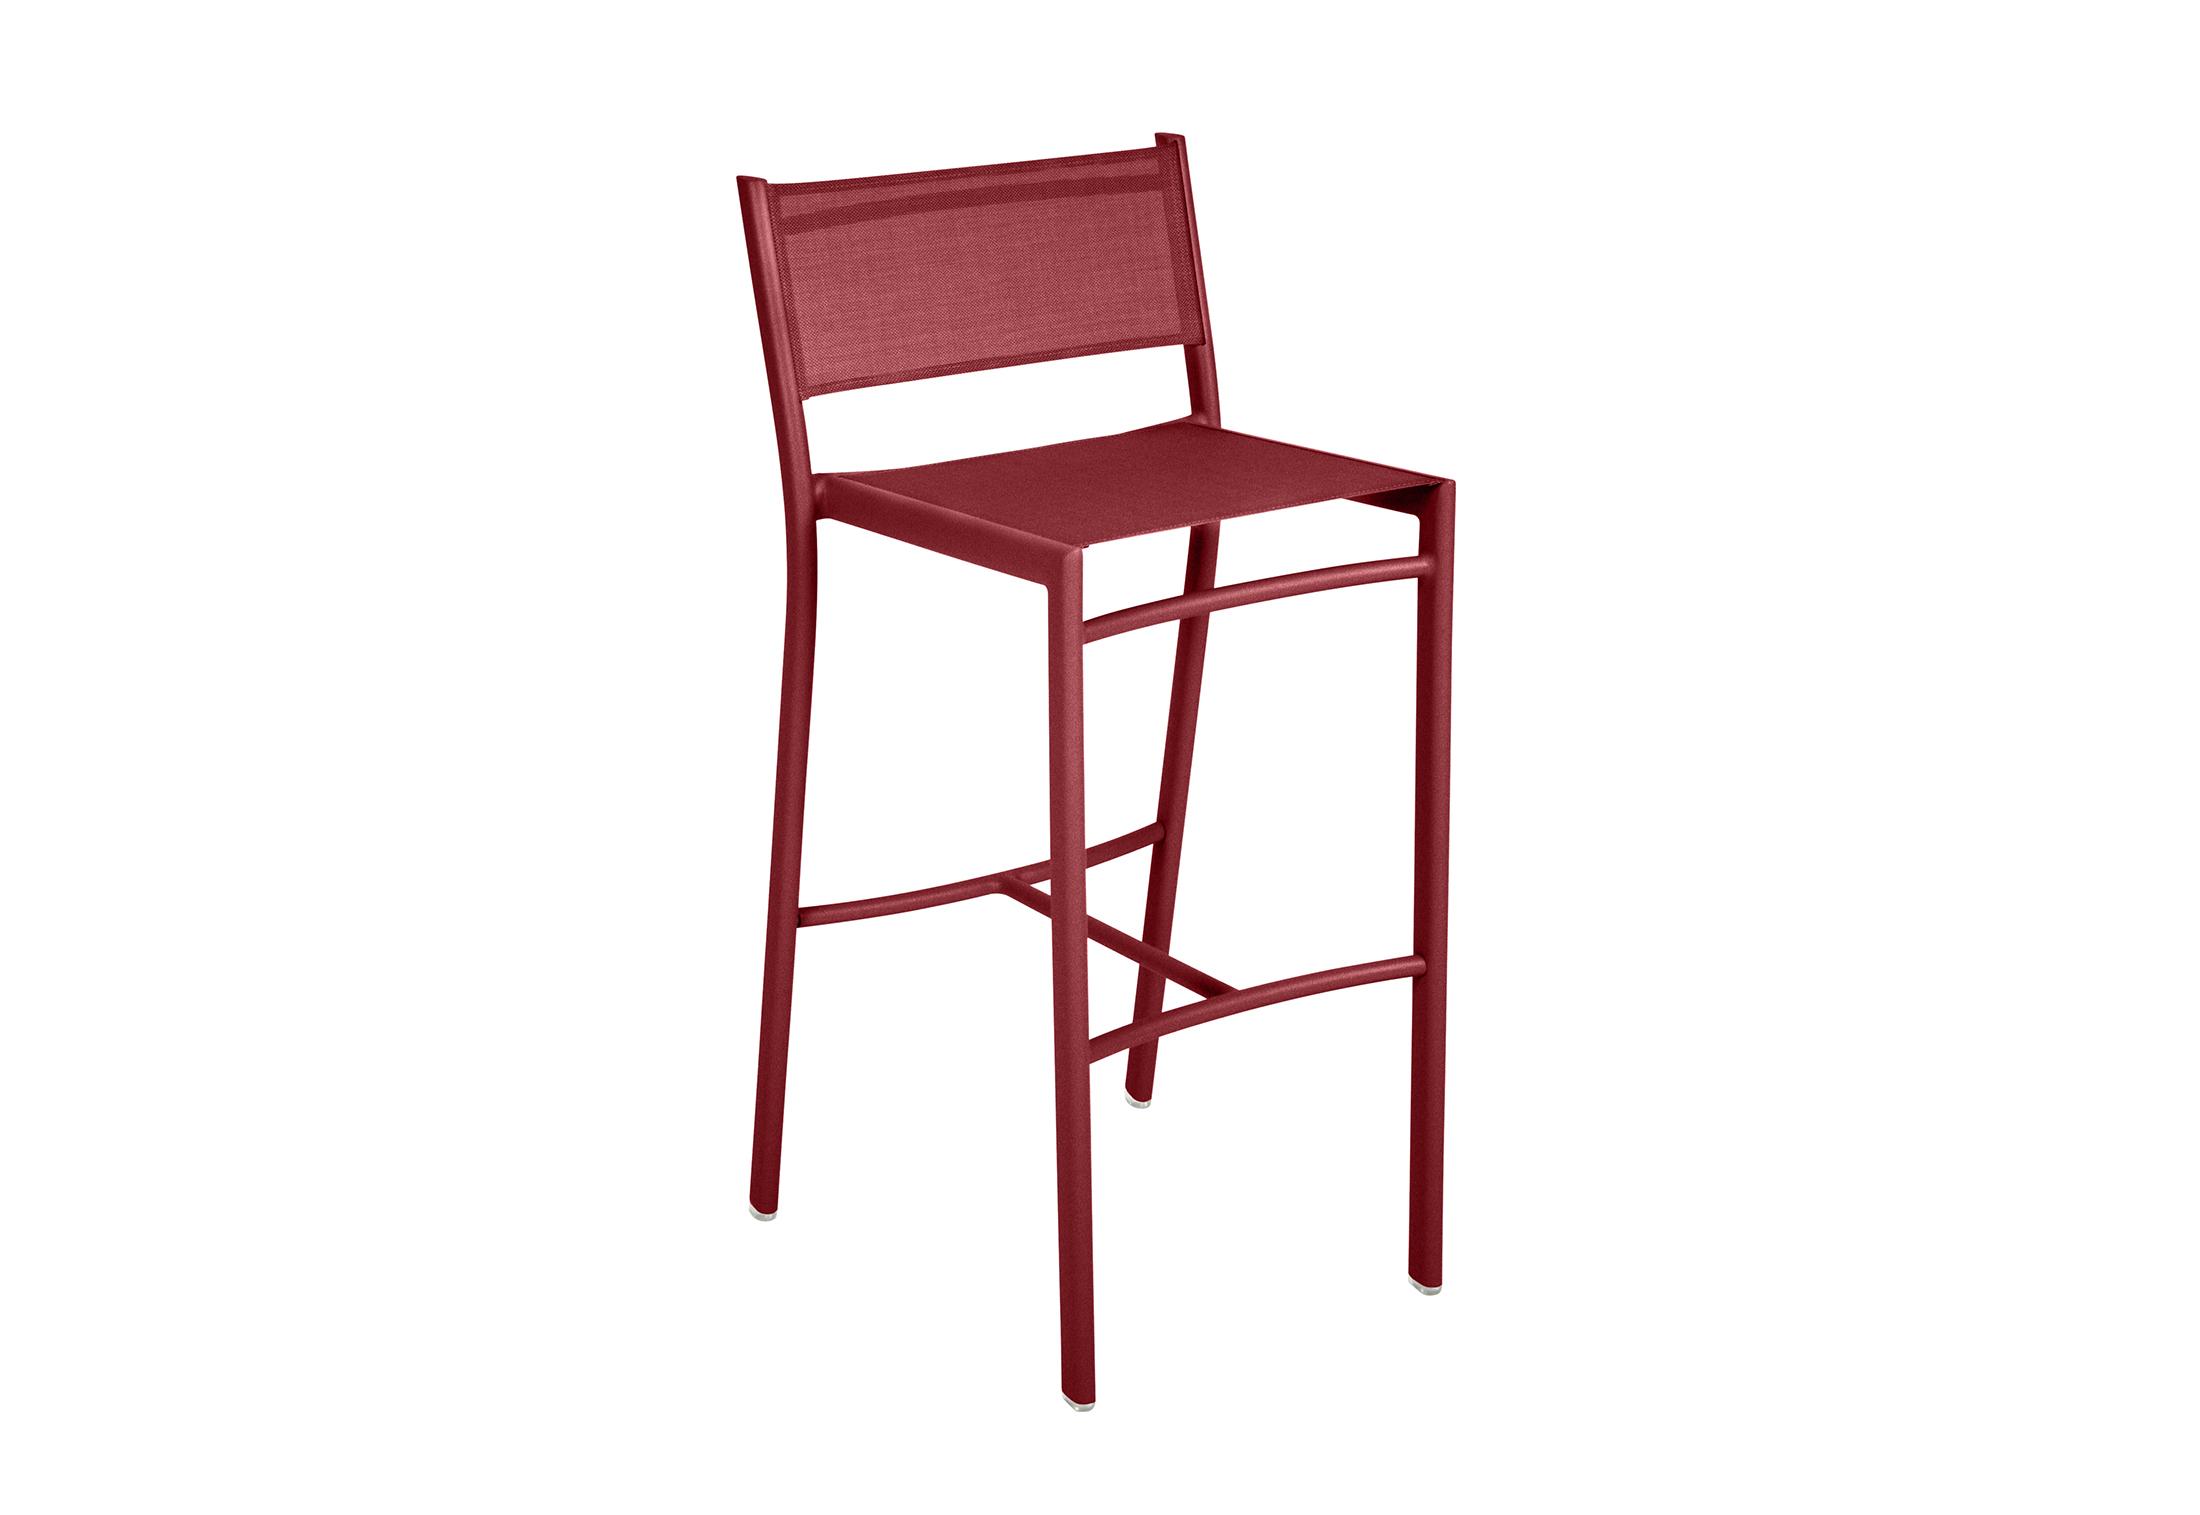 Costa high chair costa high chair